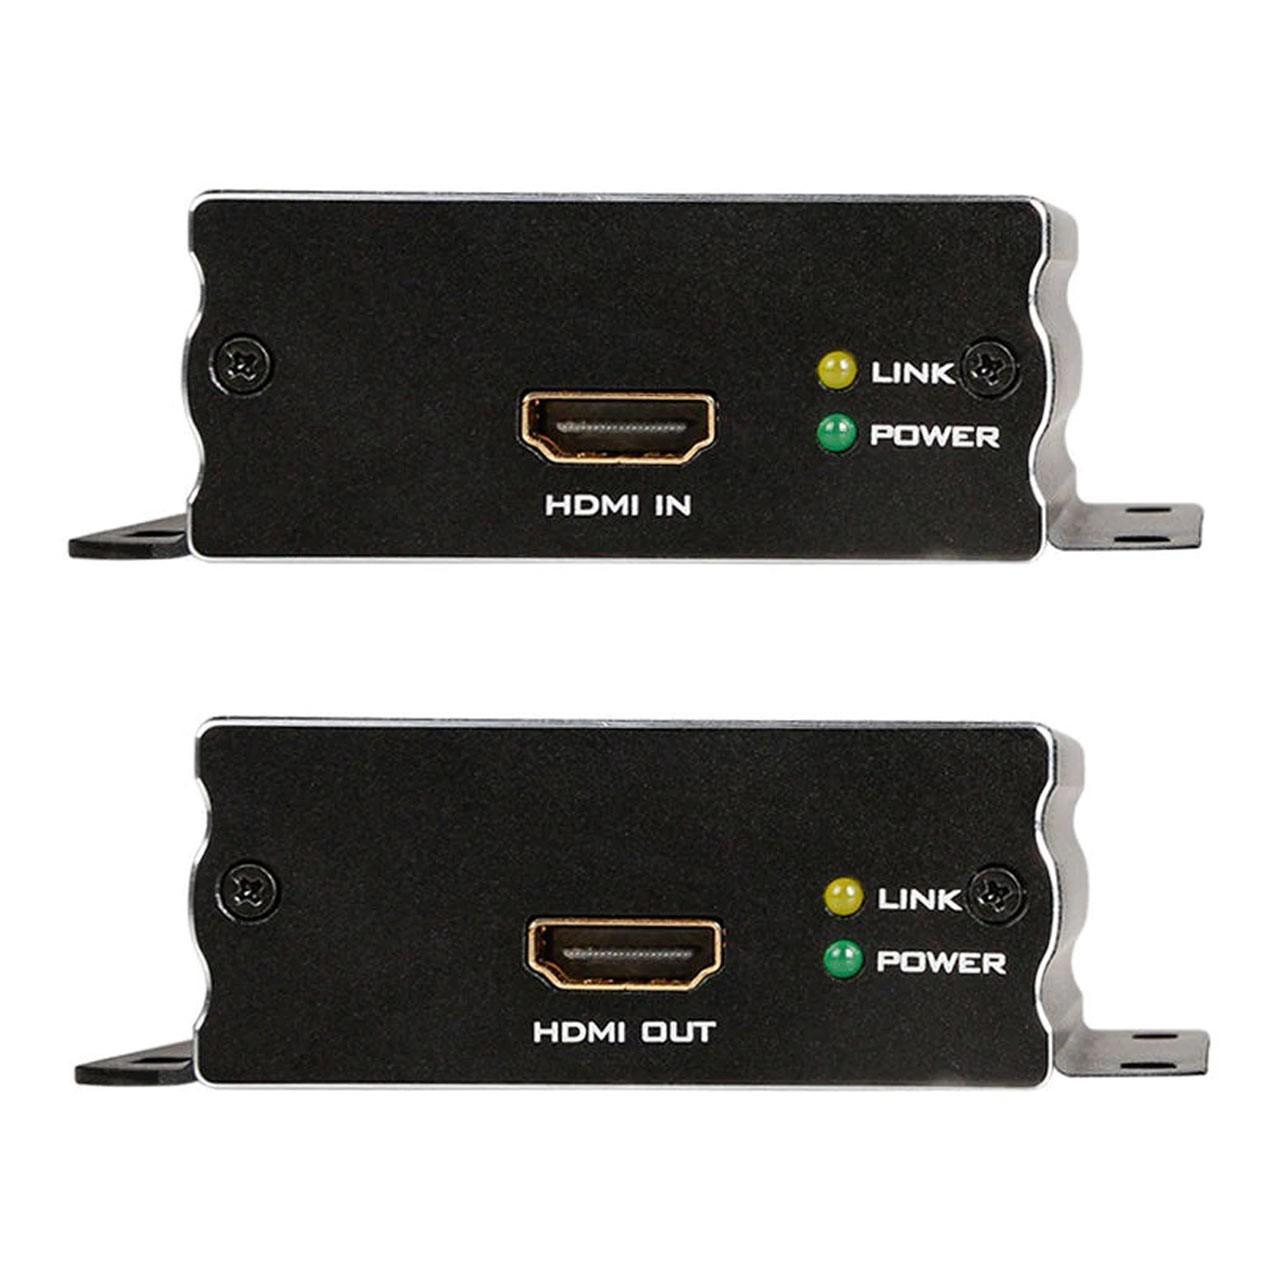 بررسی و خرید [با تخفیف]                                     توسعه دهنده HDMI مدل MT-ED05-IR                             اورجینال